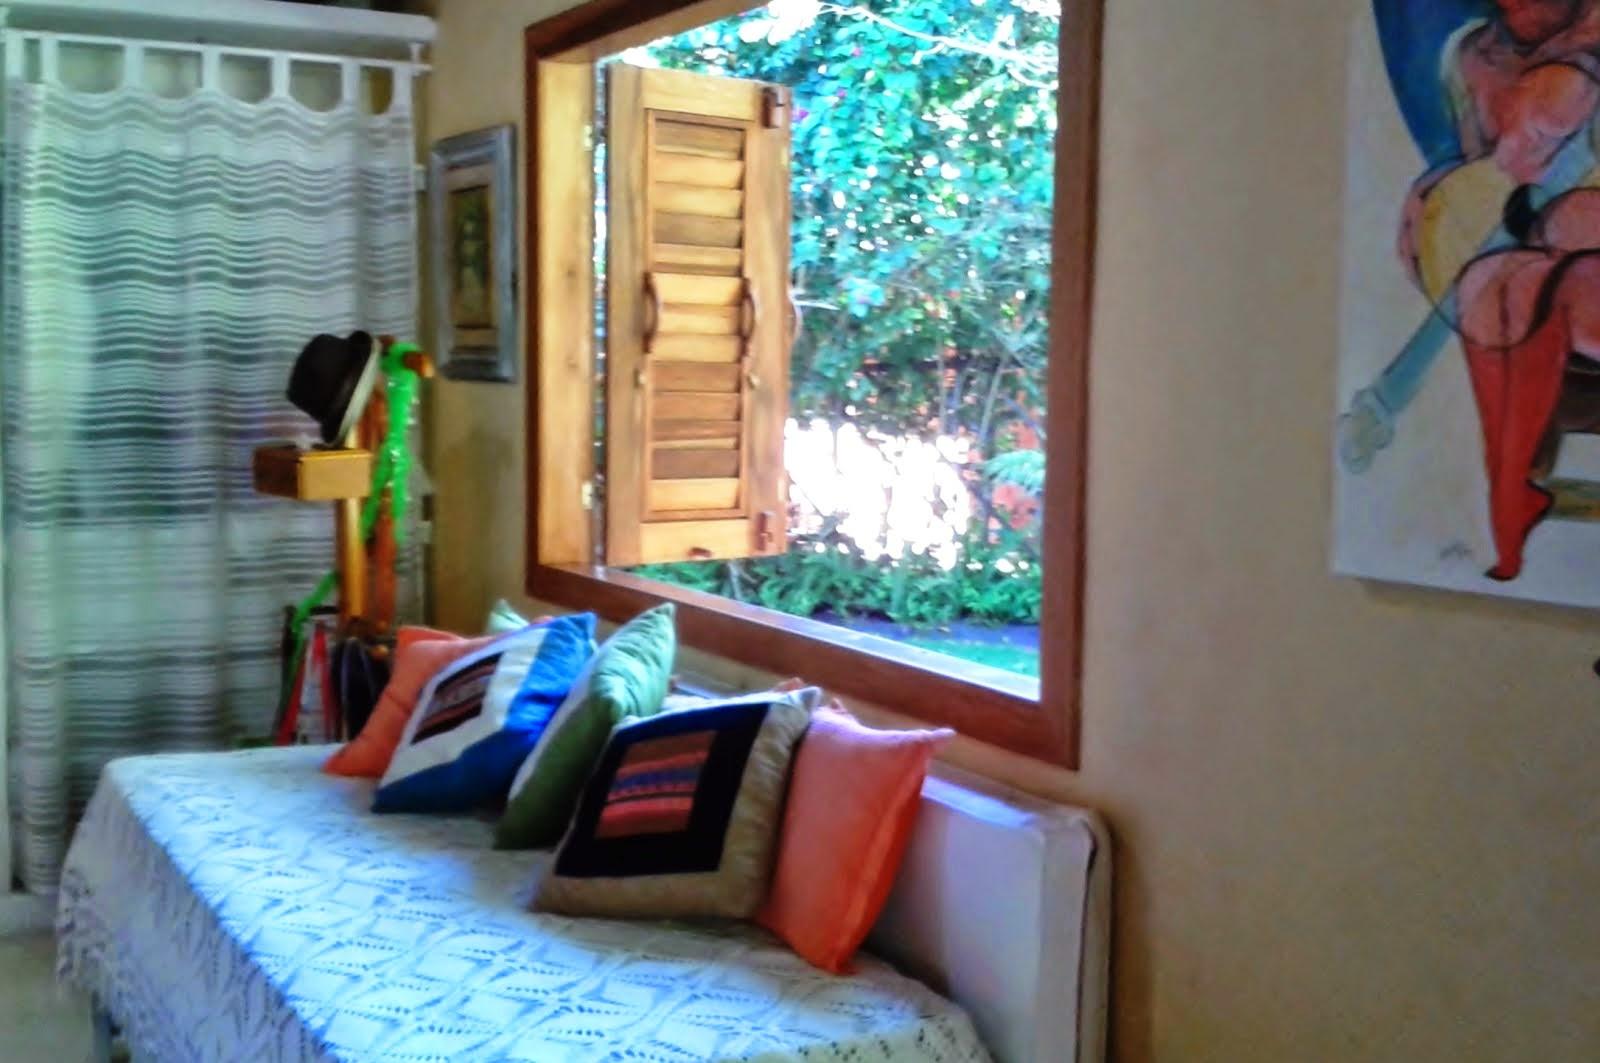 SUITE 1 - OPÇÃO + BICAMA___Suite with sofa bed for an extra person